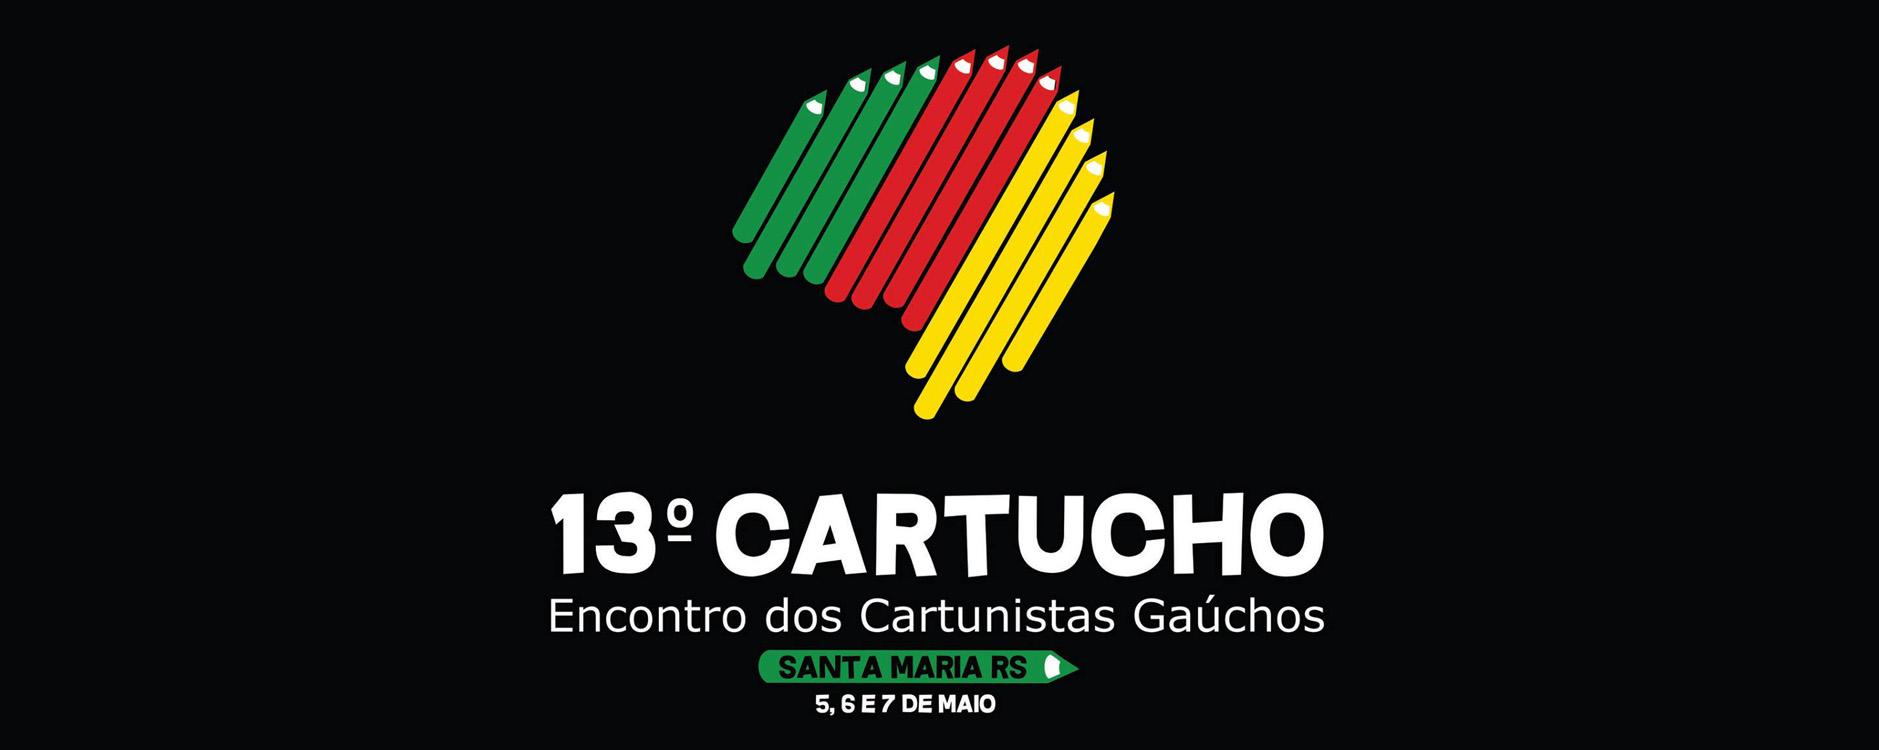 Cartuchoo001